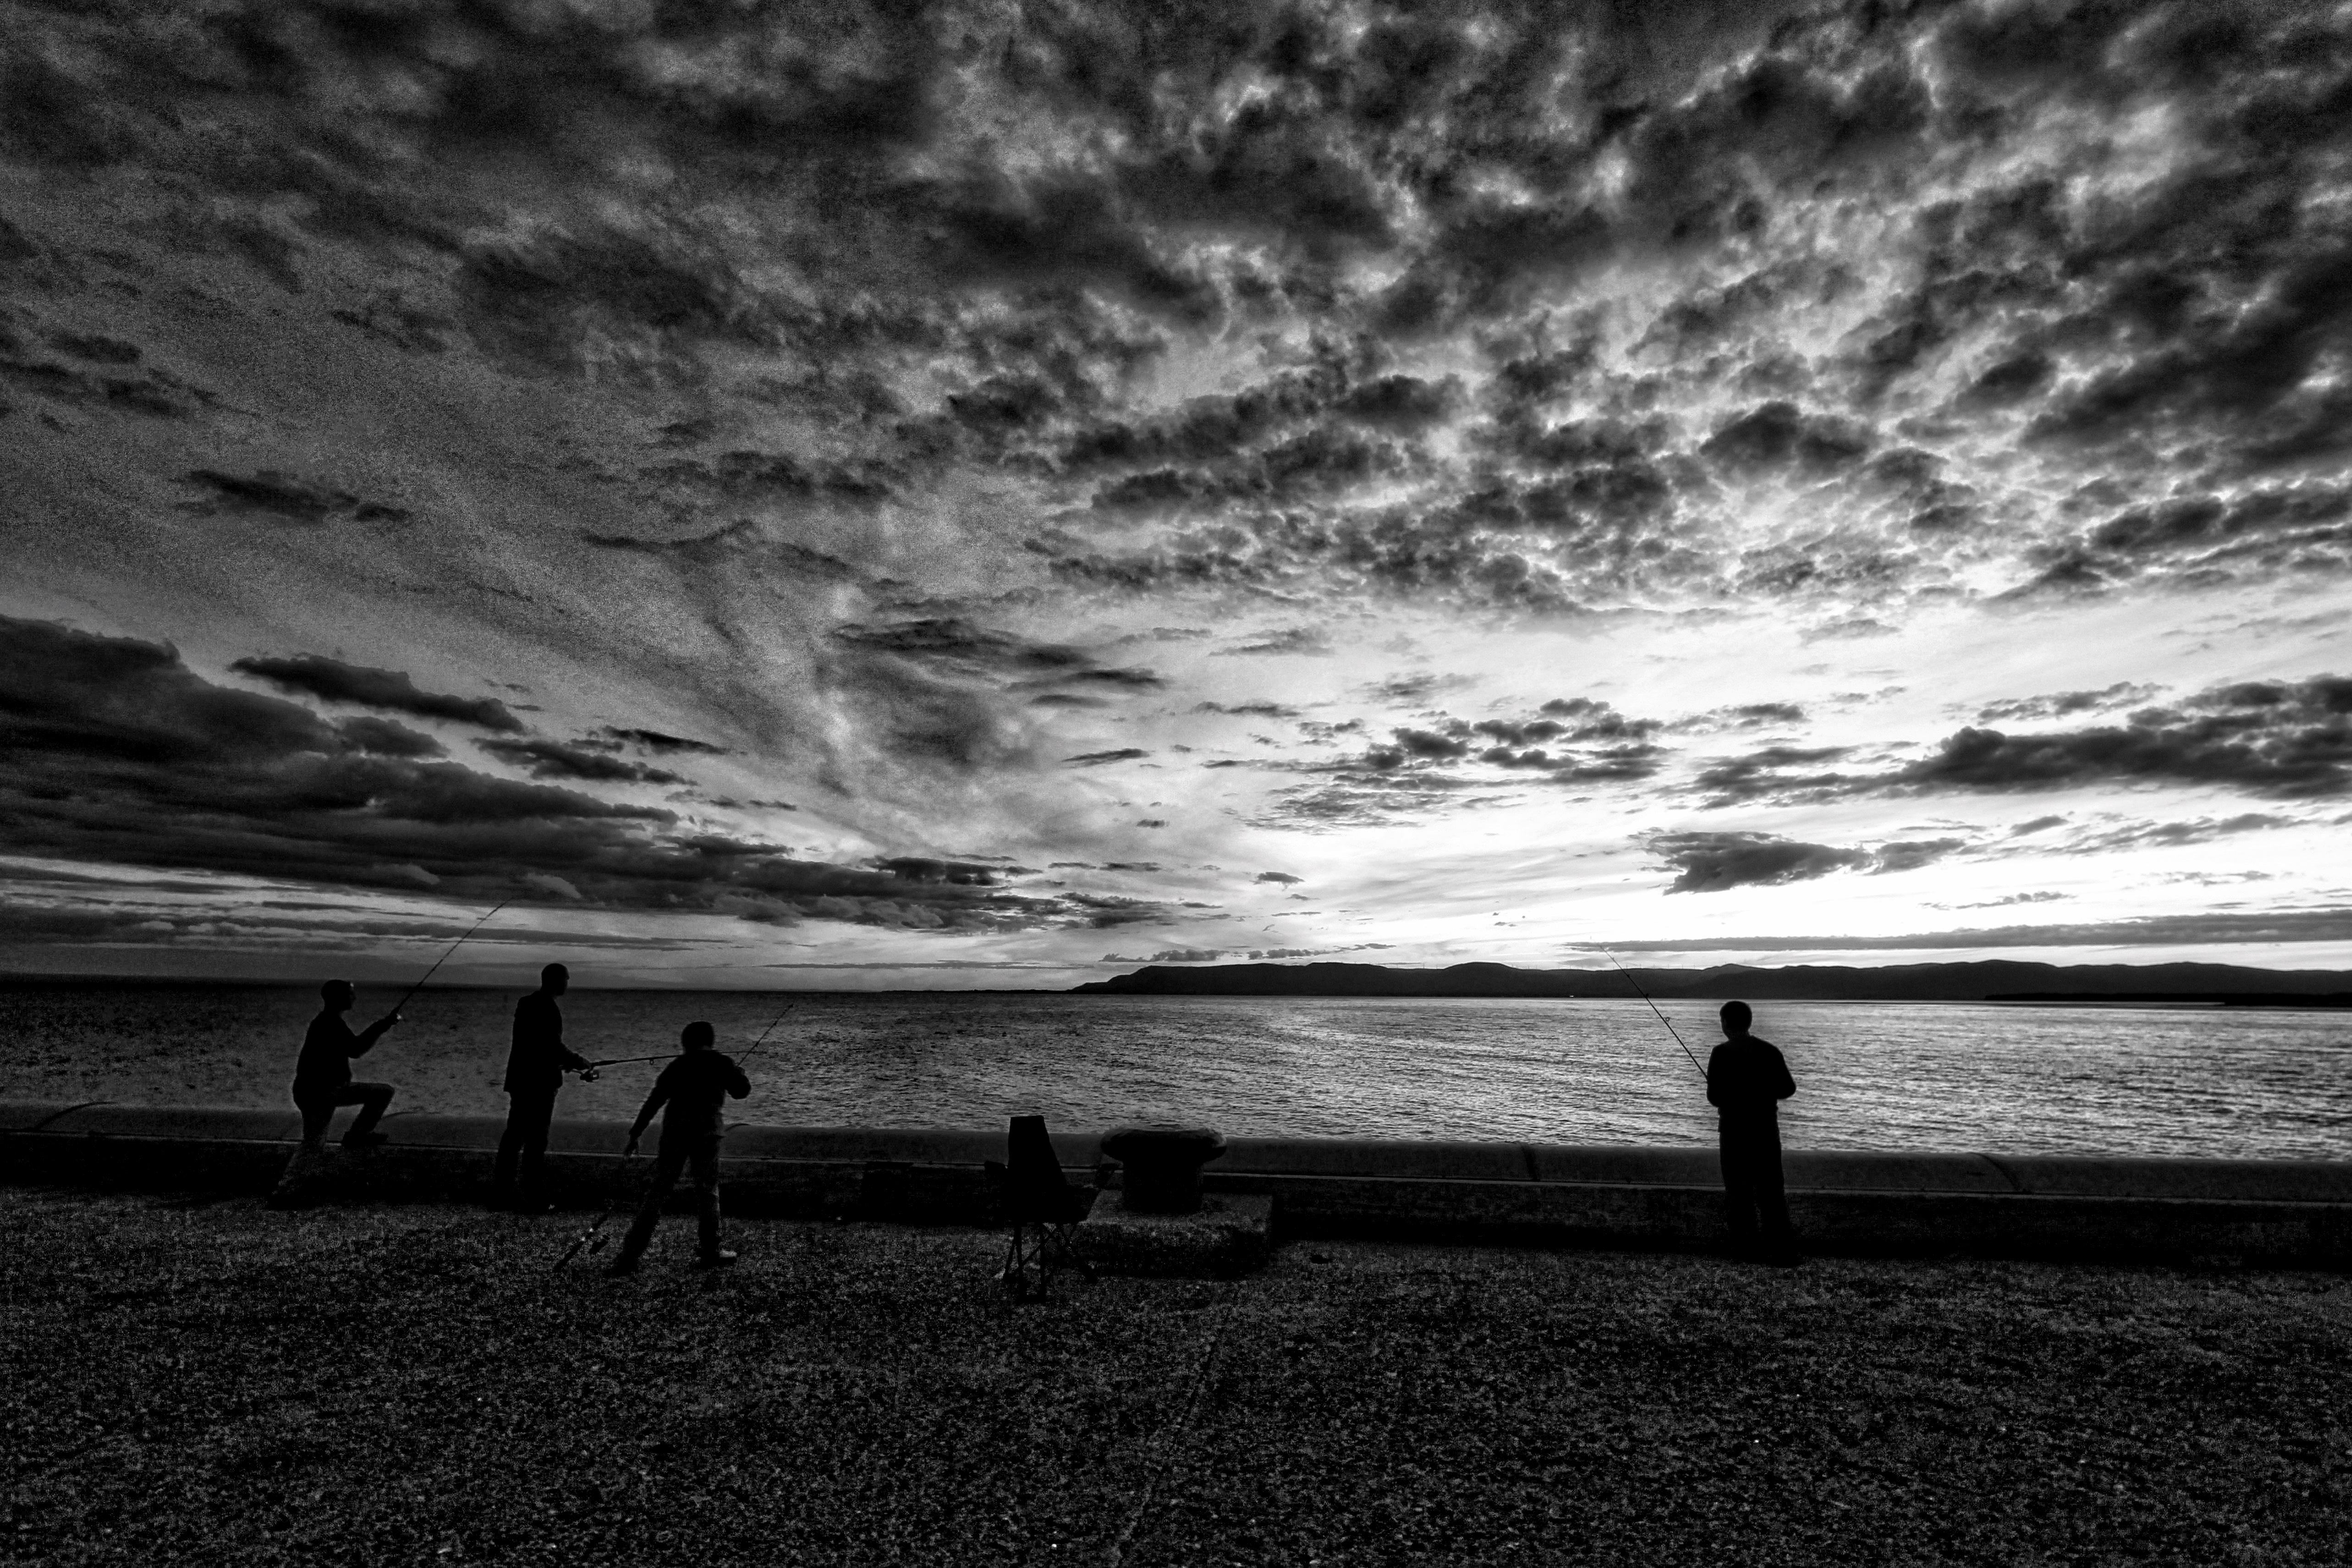 51+ Gambar Matahari Hitam Putih Kekinian